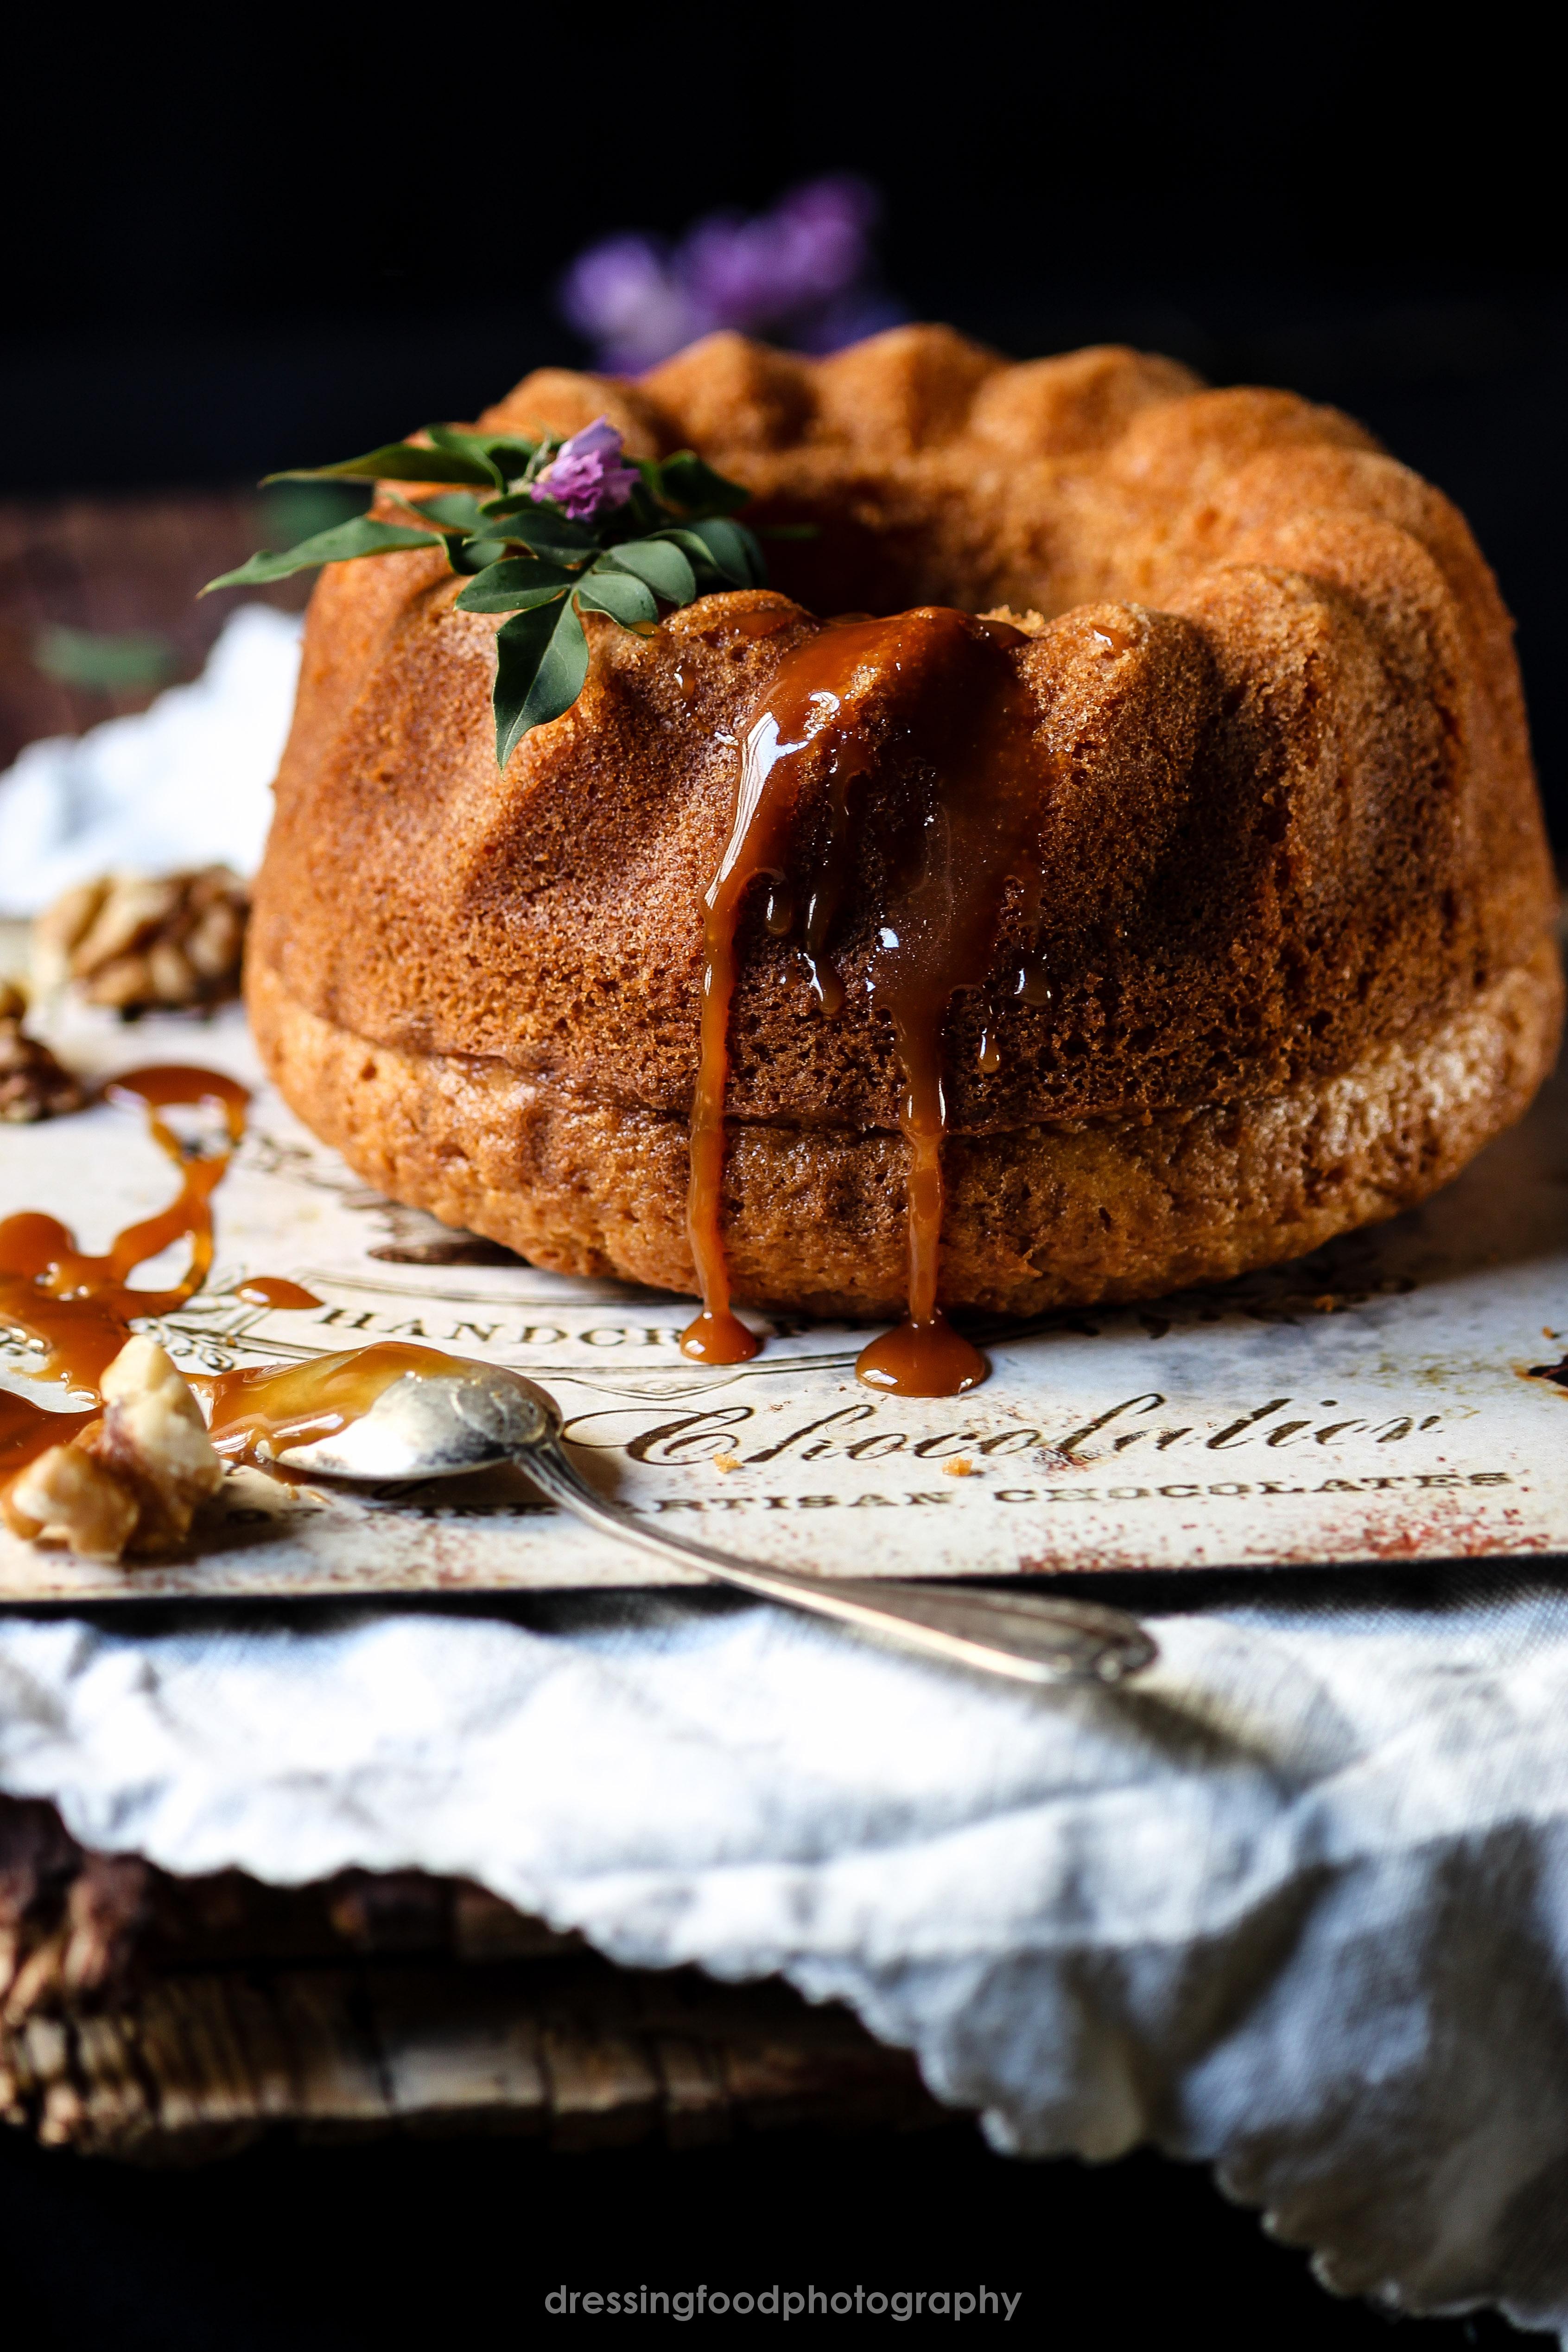 BUNDT CAKE CON CARAMELO